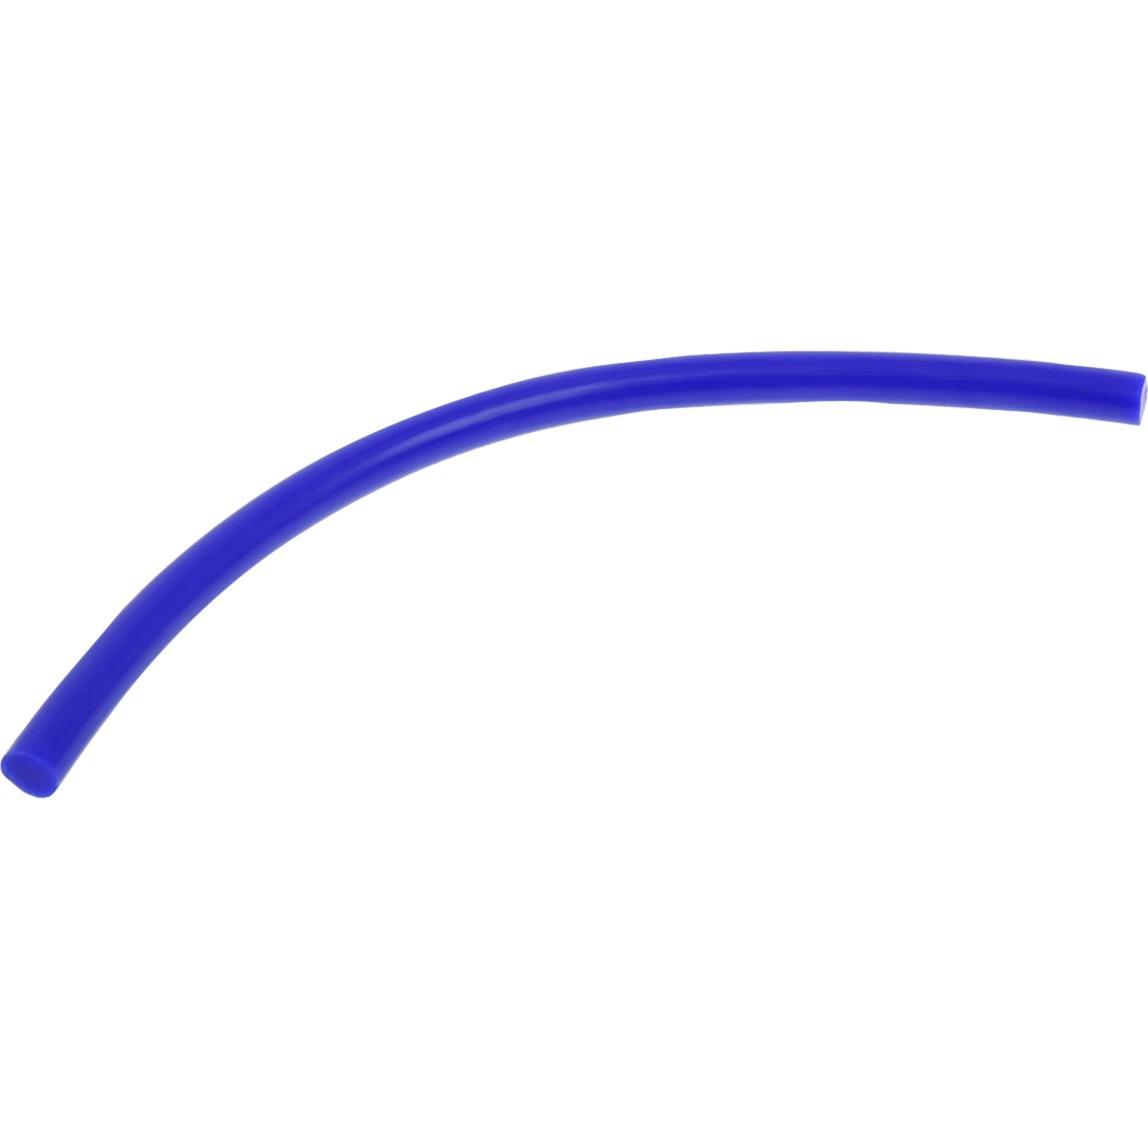 8747219 0.3m Azul manguera de compresores de aire, Modding